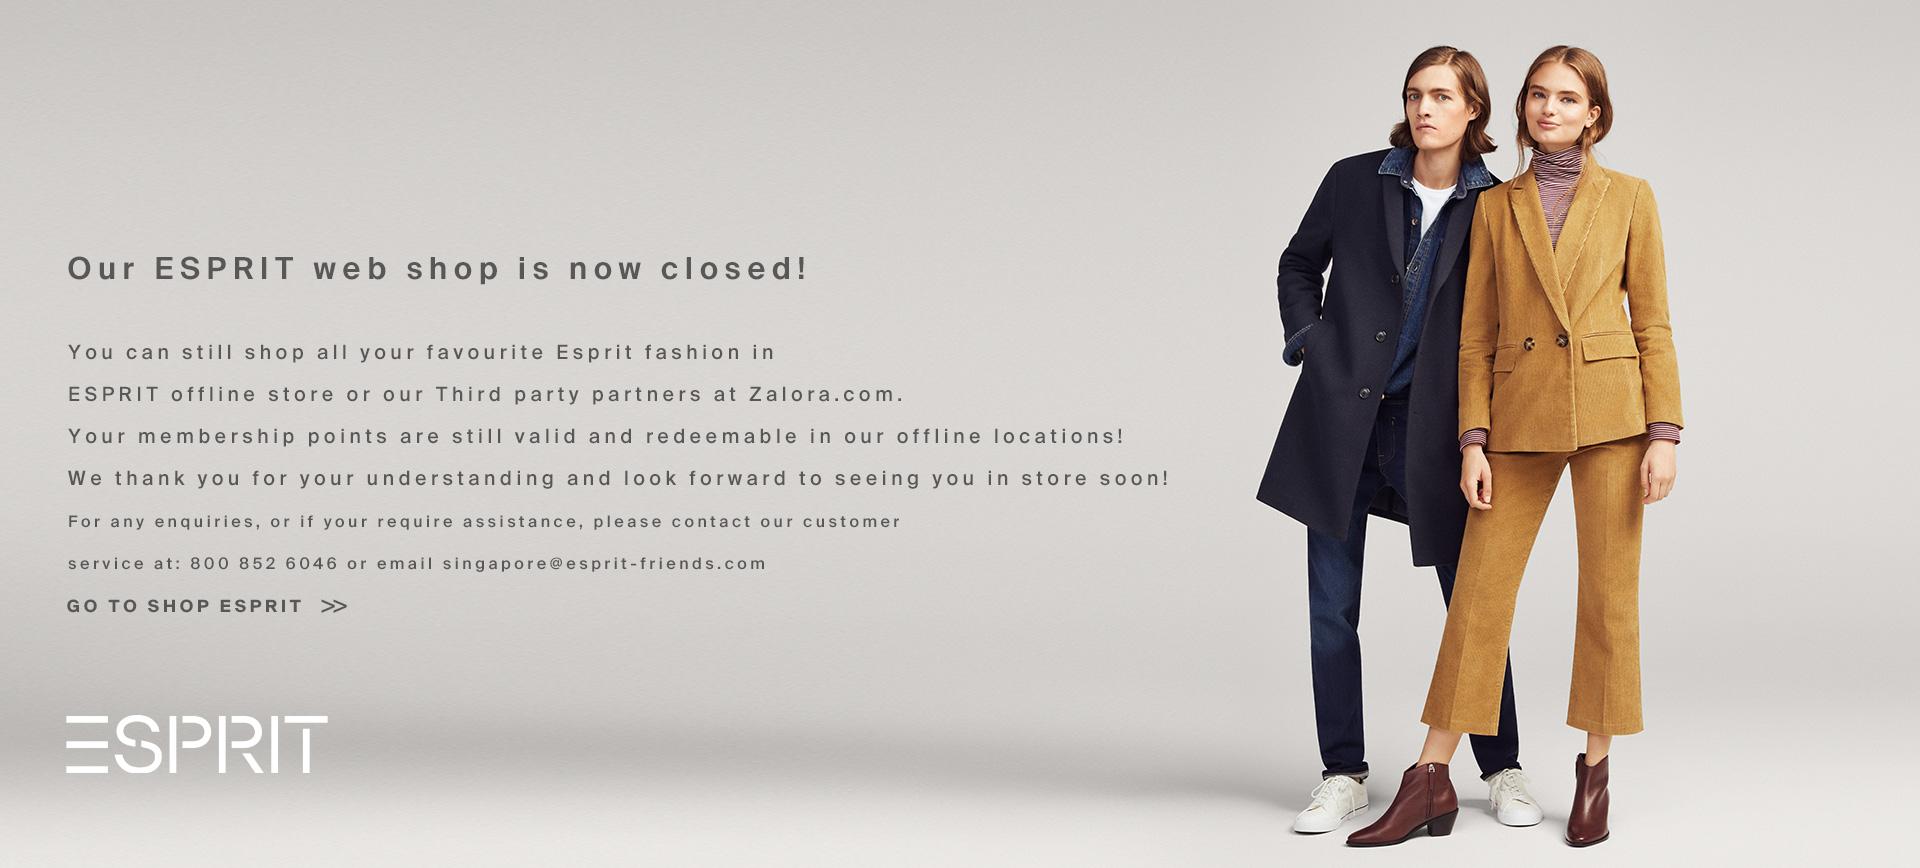 Esprit Fashion for Women, Men & Kids | Shop Now At Our